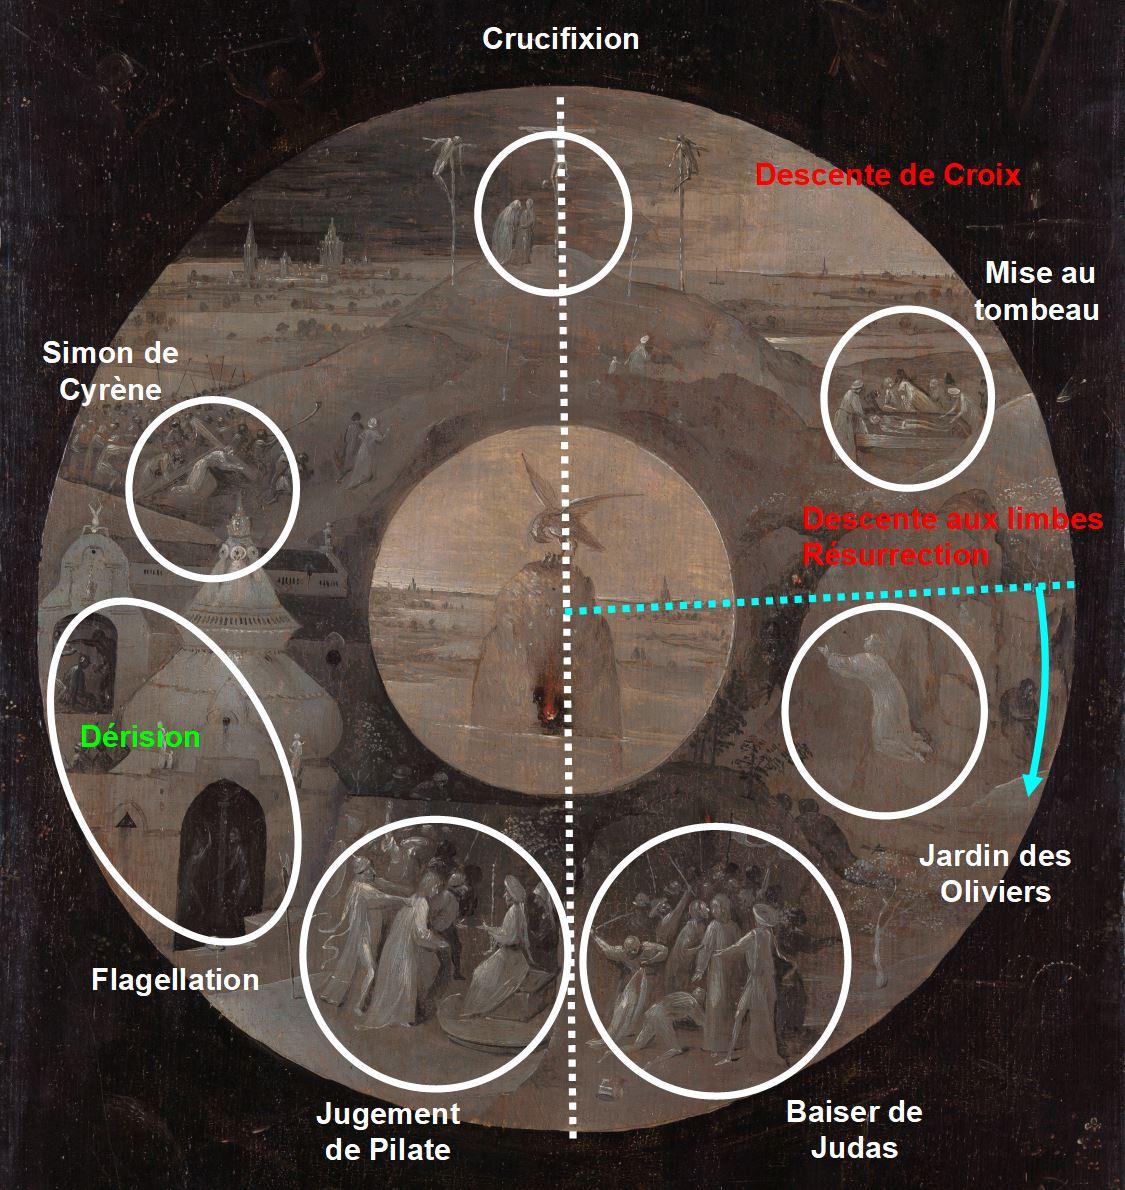 Bosch 1489 ca revers St Jean L'evangeliste passion-scenes-berlin-staatlichen-museen-zu-berlin-gemaldegalerie schema